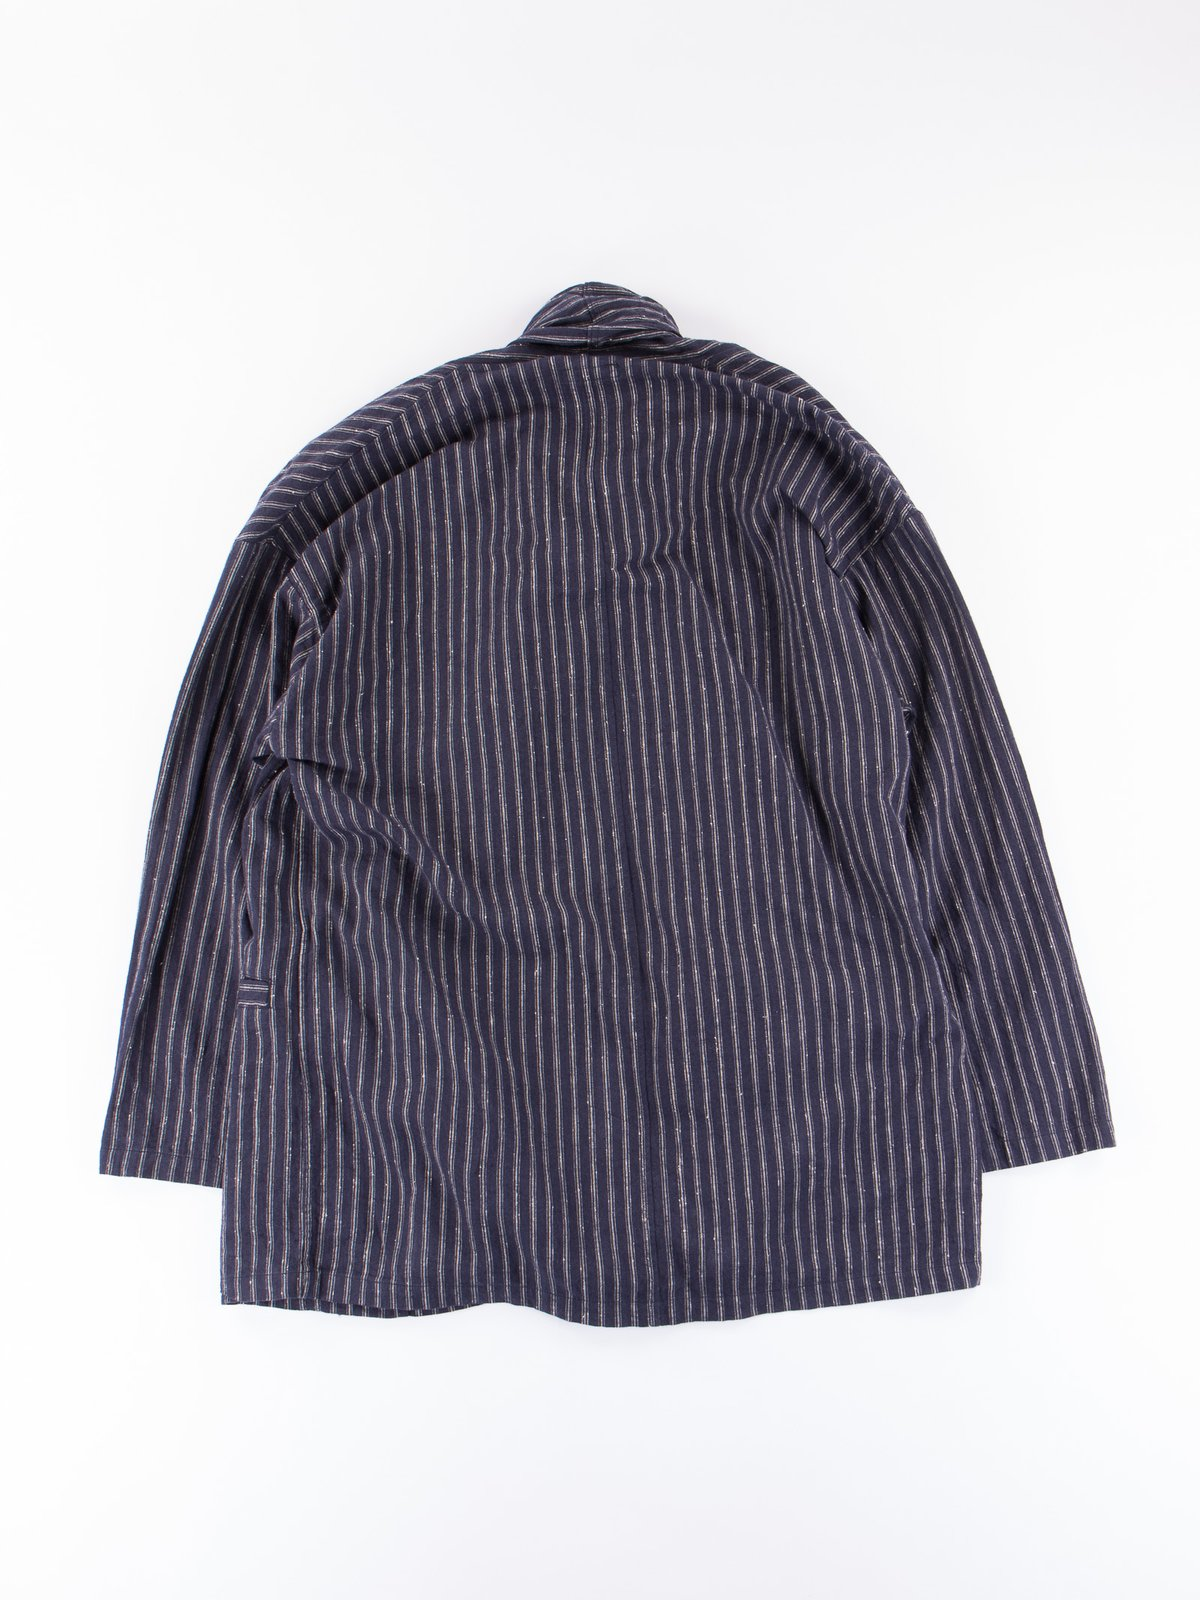 Dark Navy Stripe Robe Jacket - Image 5